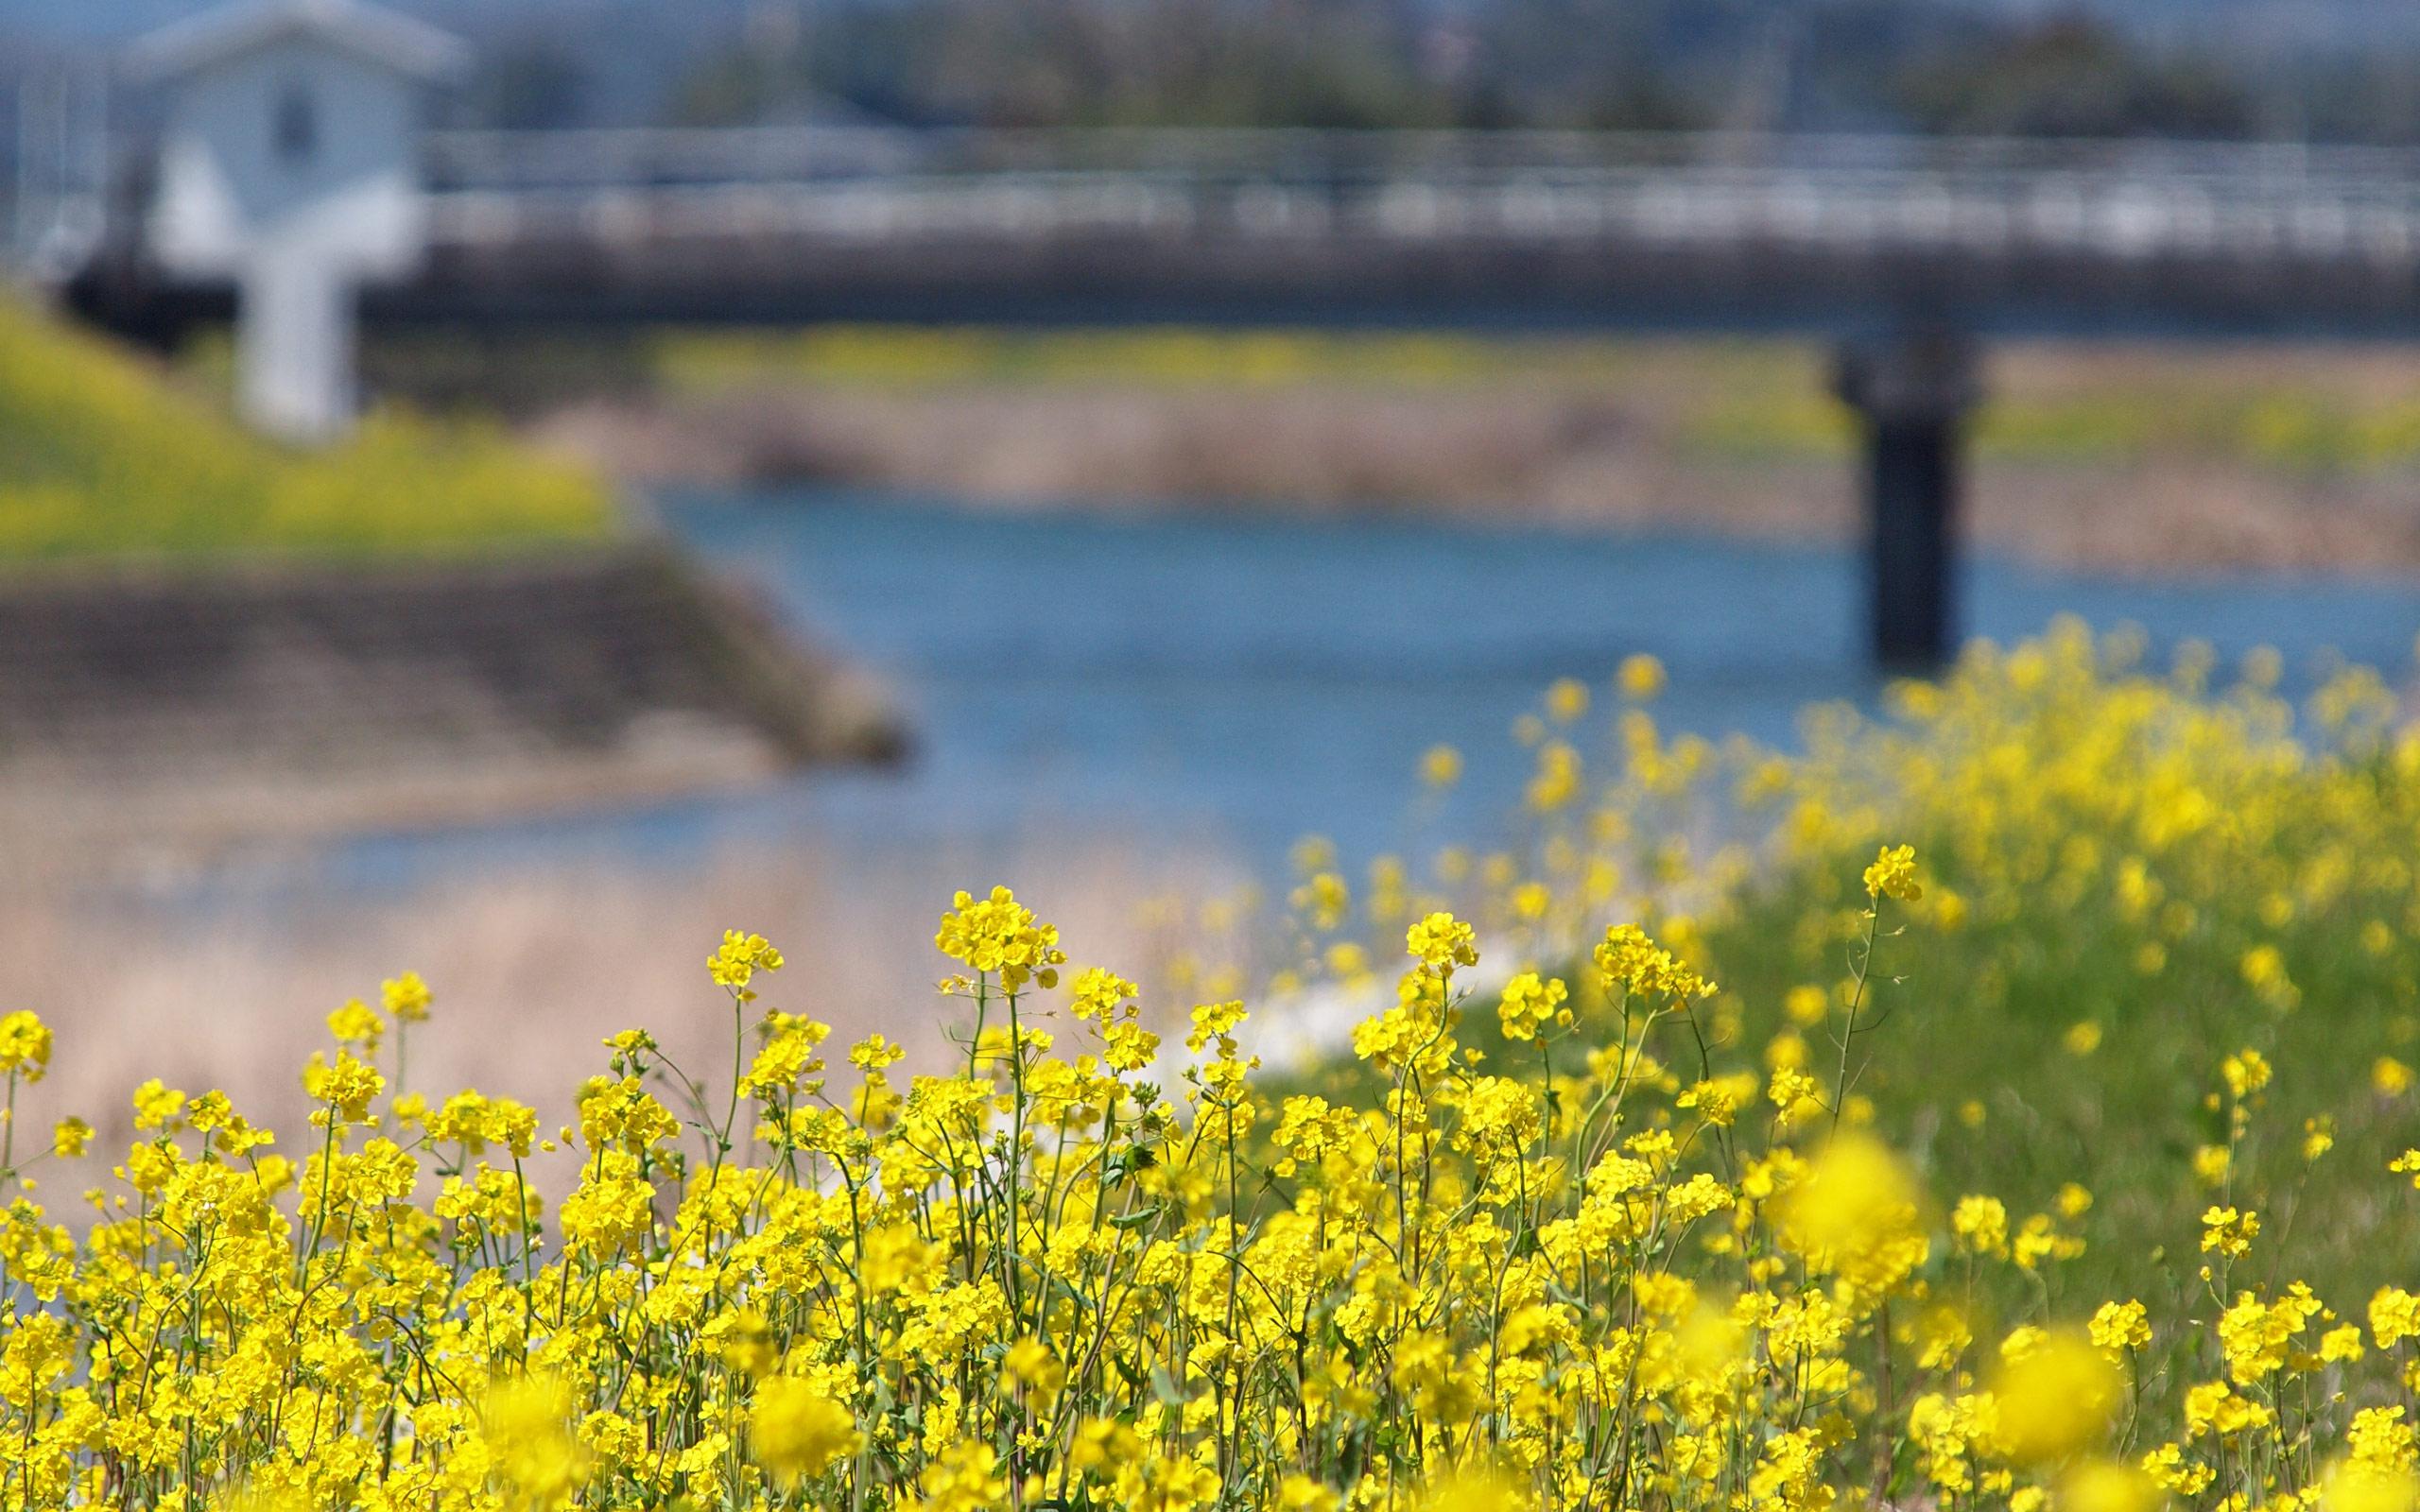 四季 春の無料壁紙 春の風景写真 高解像度 高画質